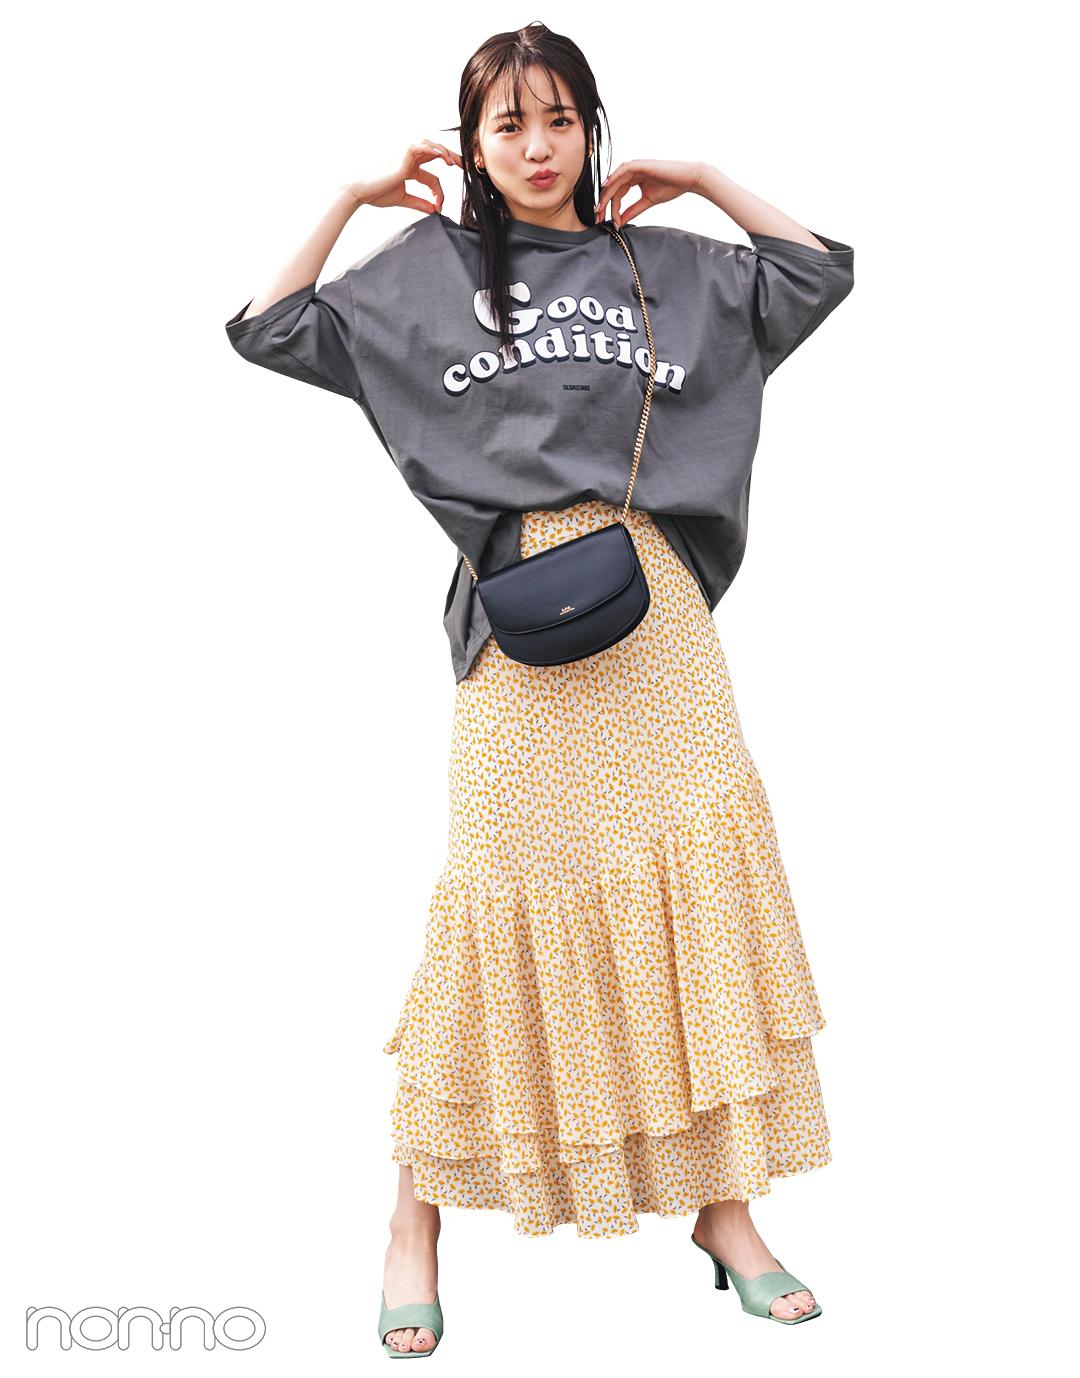 横田真悠が着るスタイルアップするSUPERTHANKSのメンズTシャツコーデ23